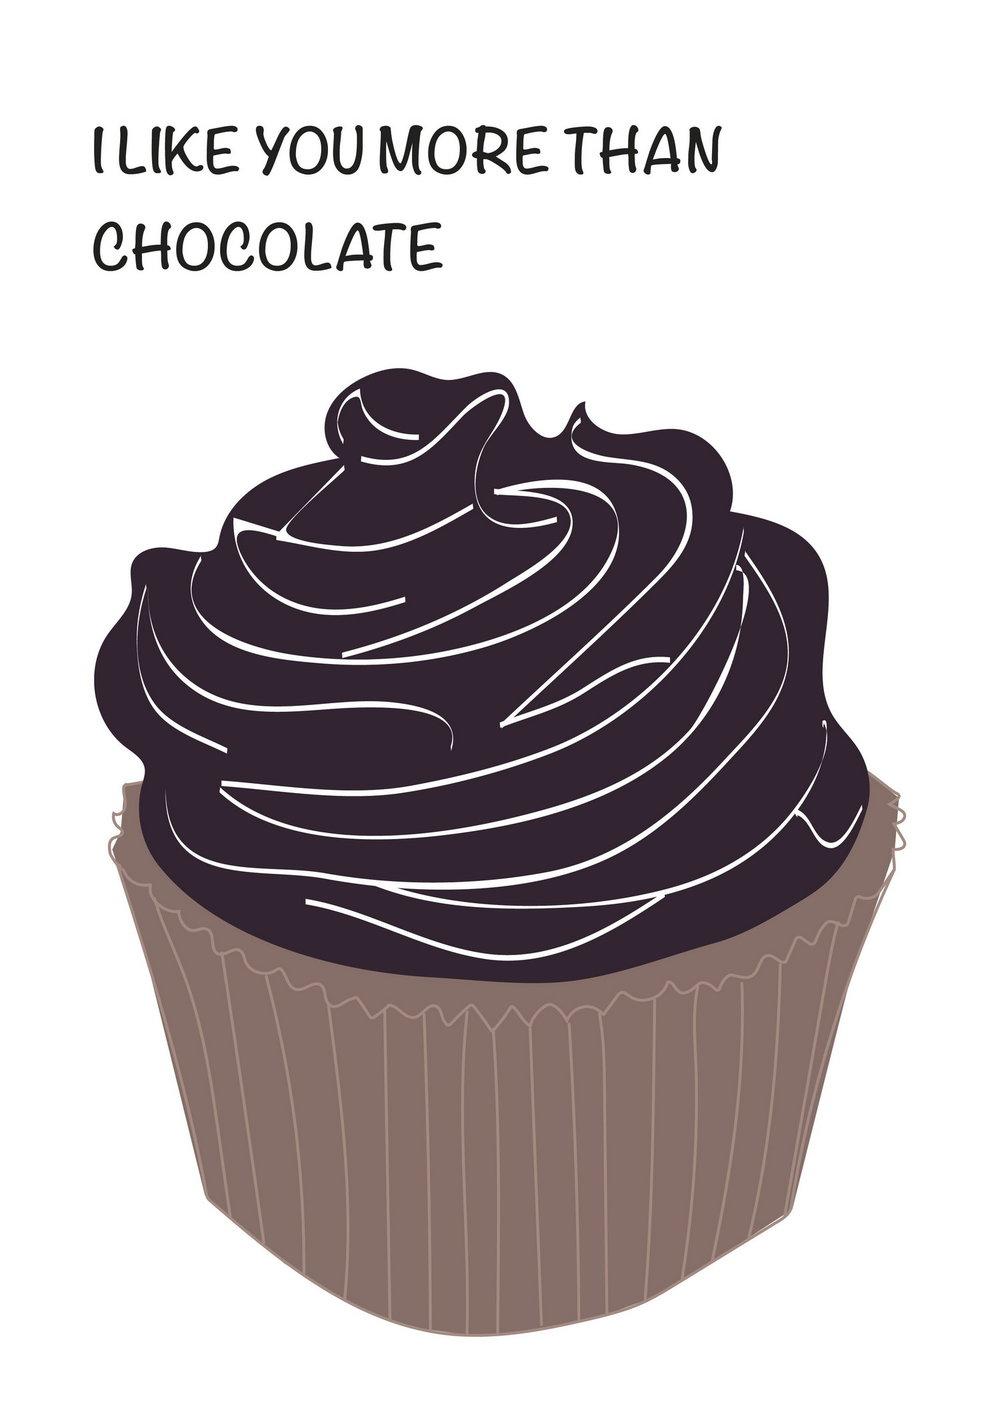 I Like You More Than Chocolate